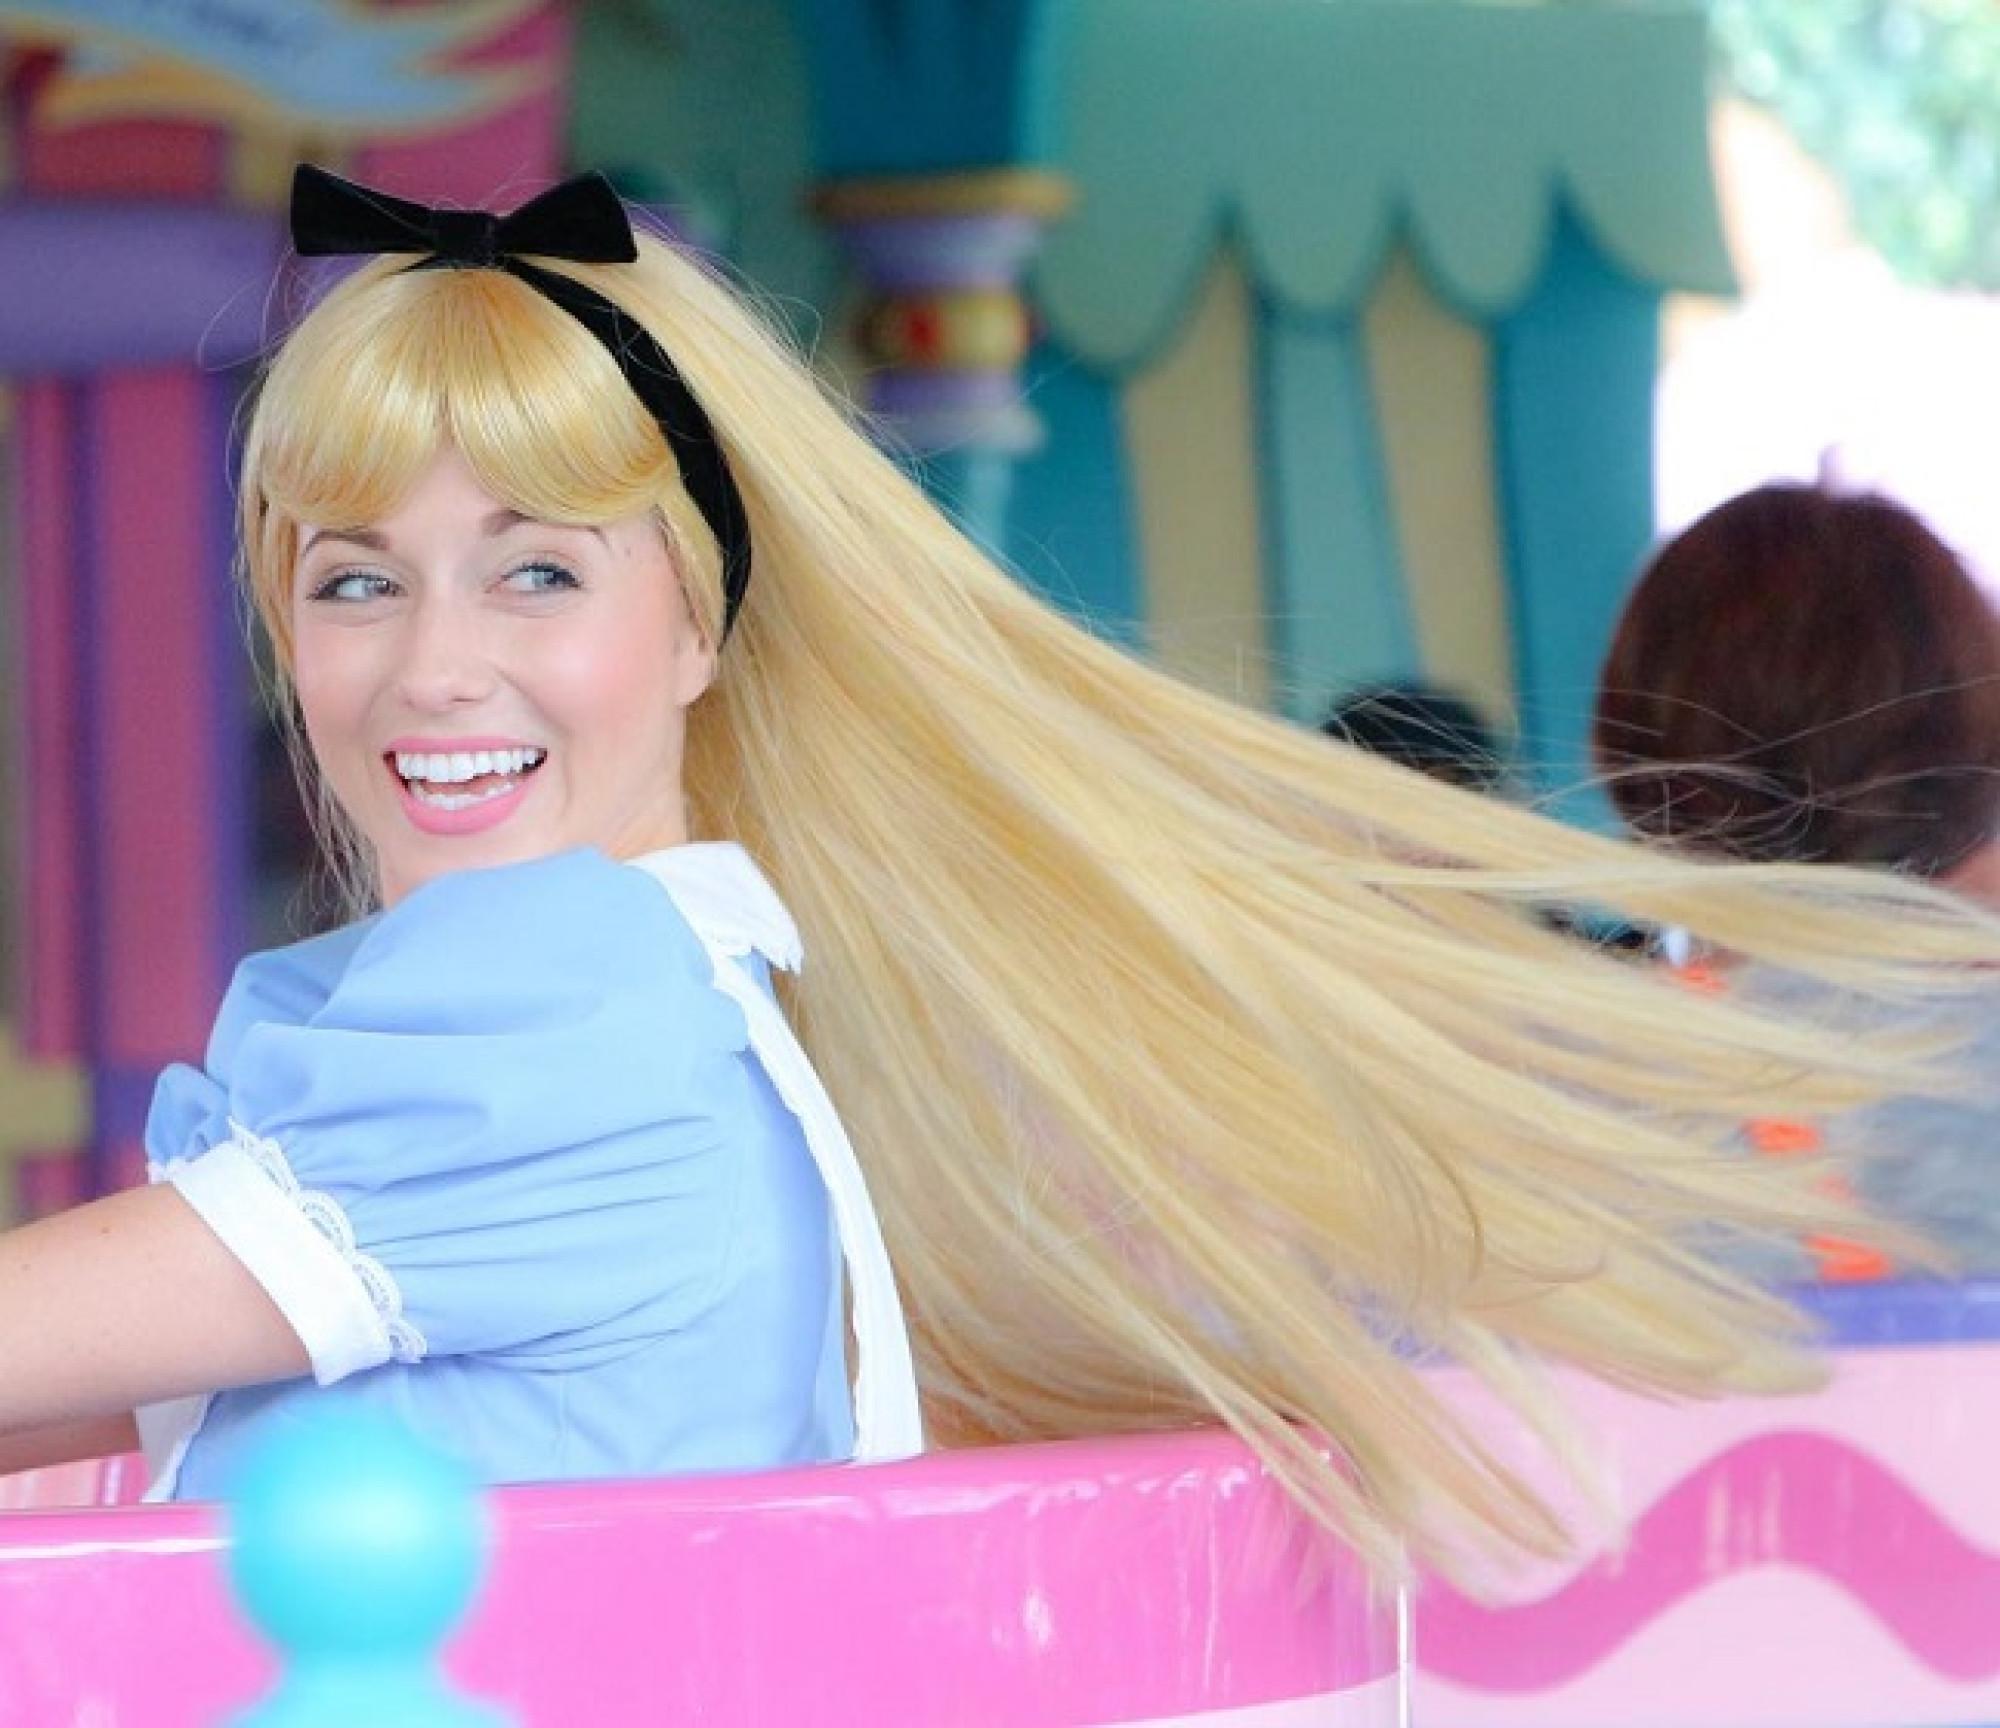 アリスのティーパーティーに乗るアリス